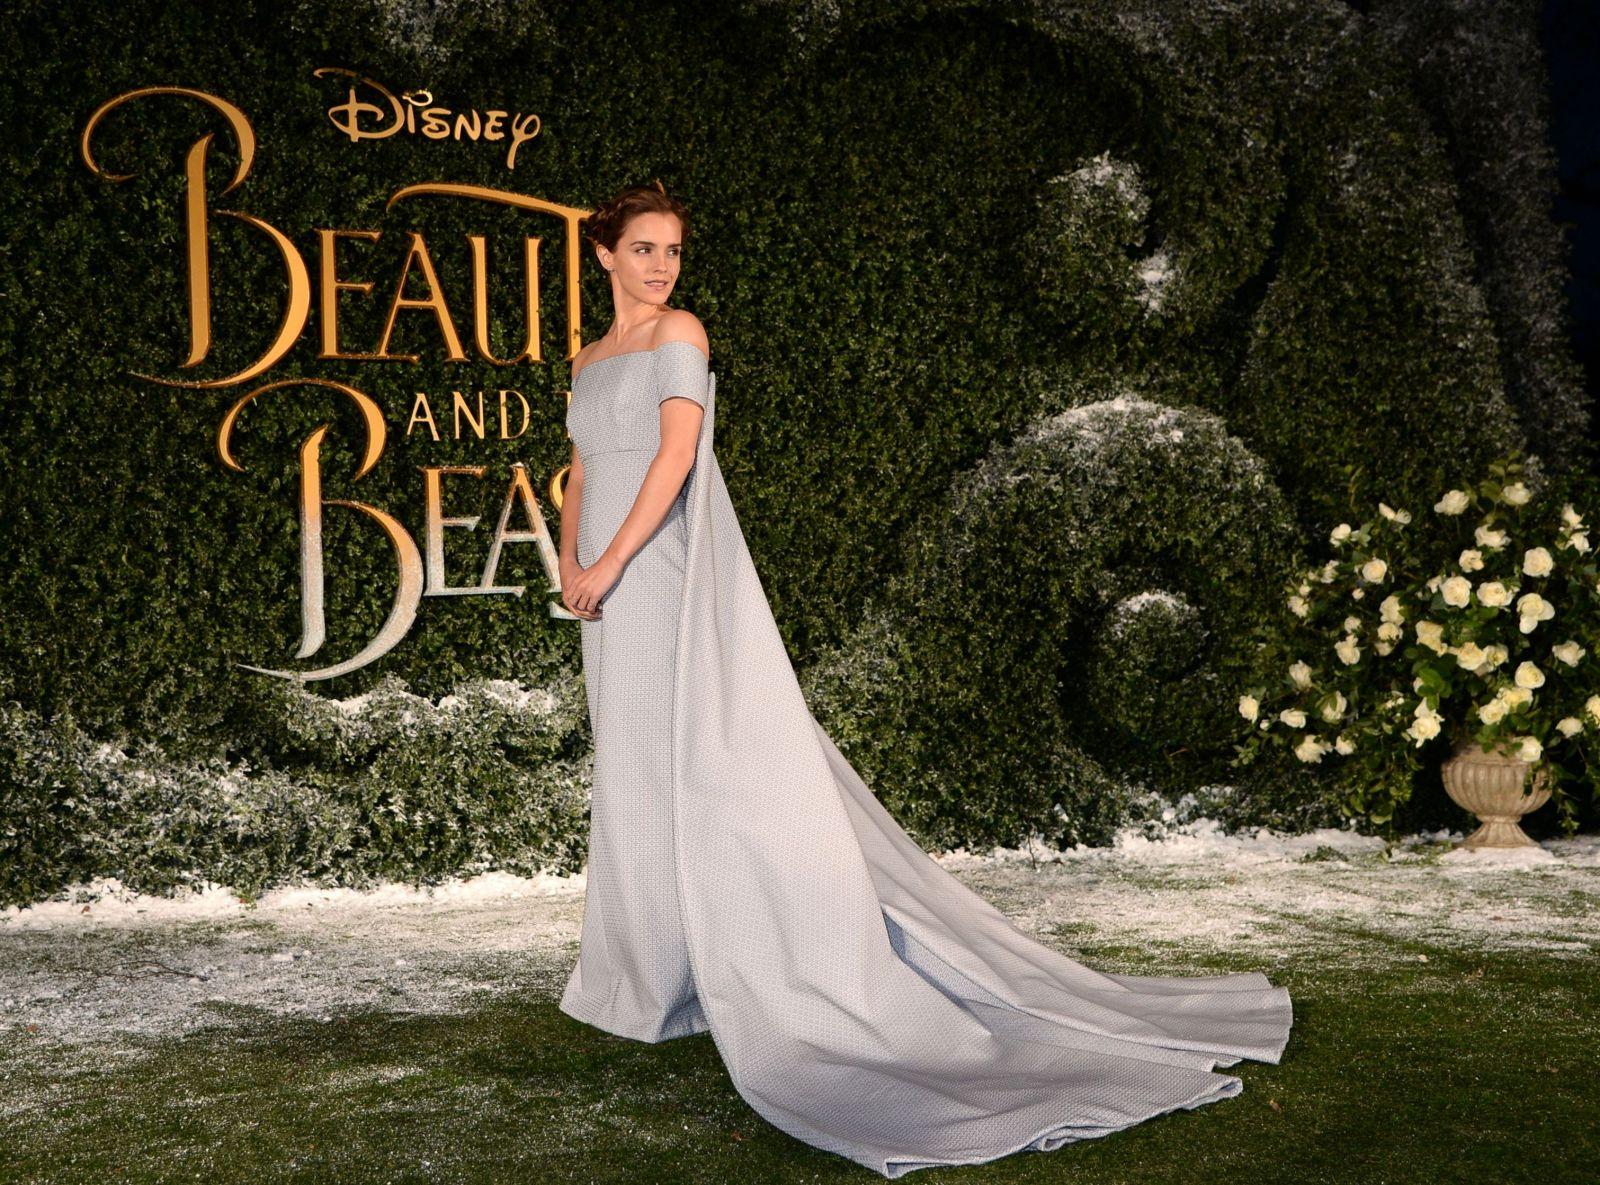 Эмма Уотсон покорила изысканным образом на премьере фильма Красавица и чудовище (ФОТО)